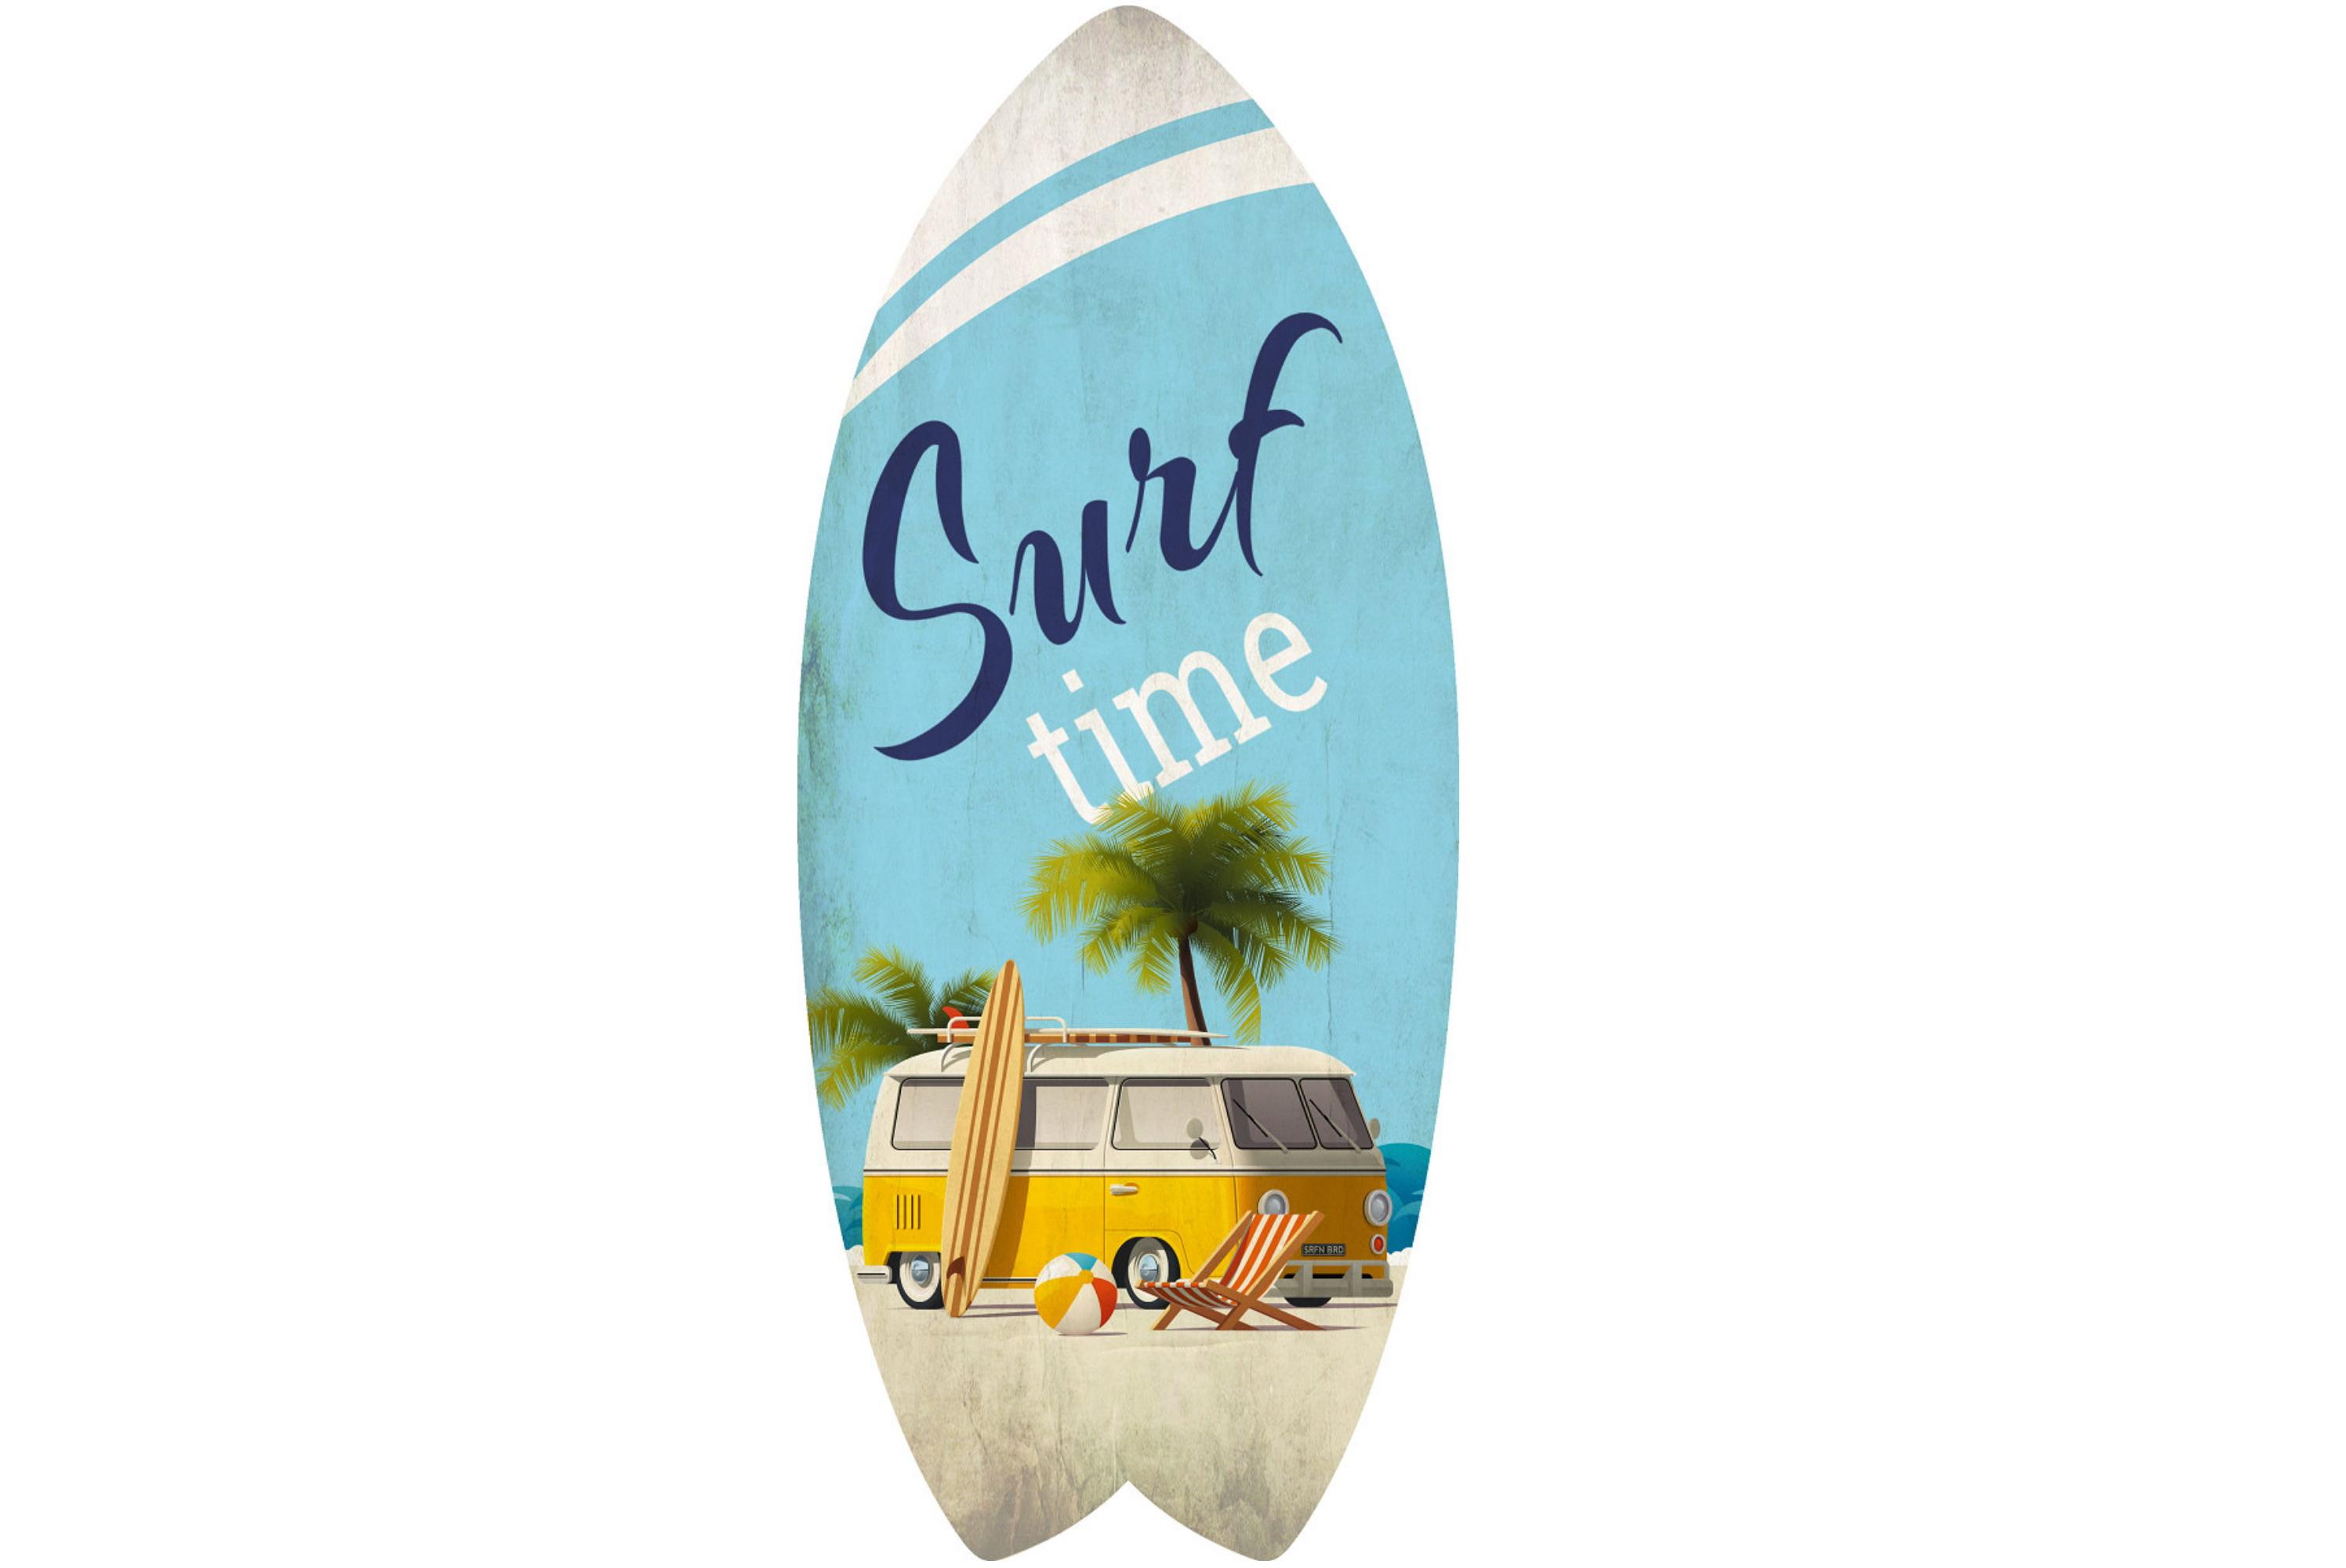 30 x 13cm Wooden Surfboard Vintage Surf Design